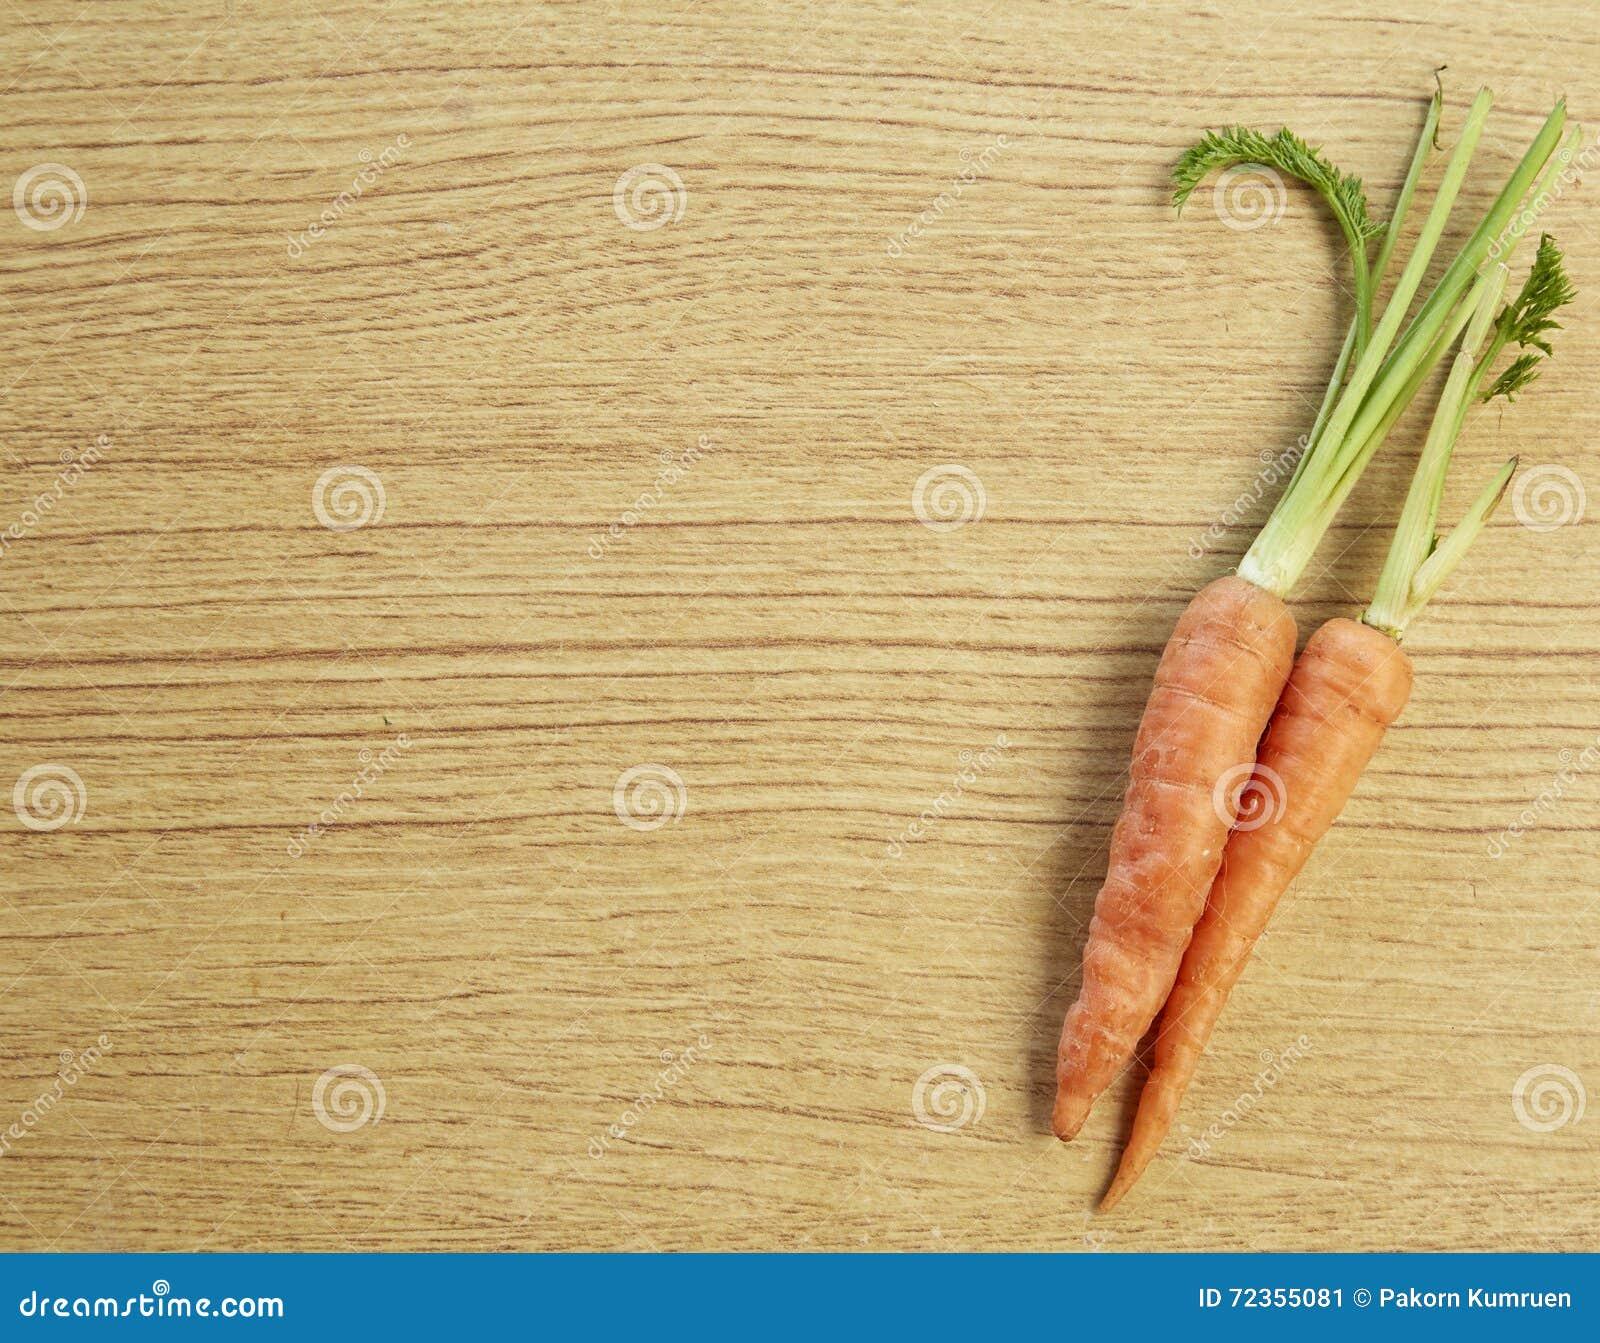 菜,新鲜的红萝卜